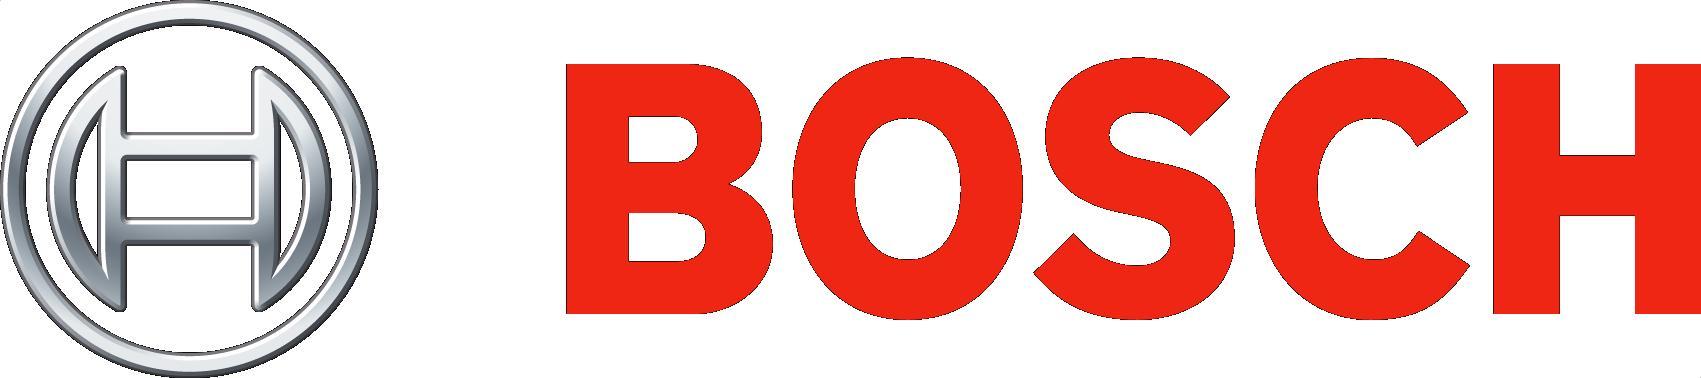 Bosch – Robert Bosch Healthcare GmbH